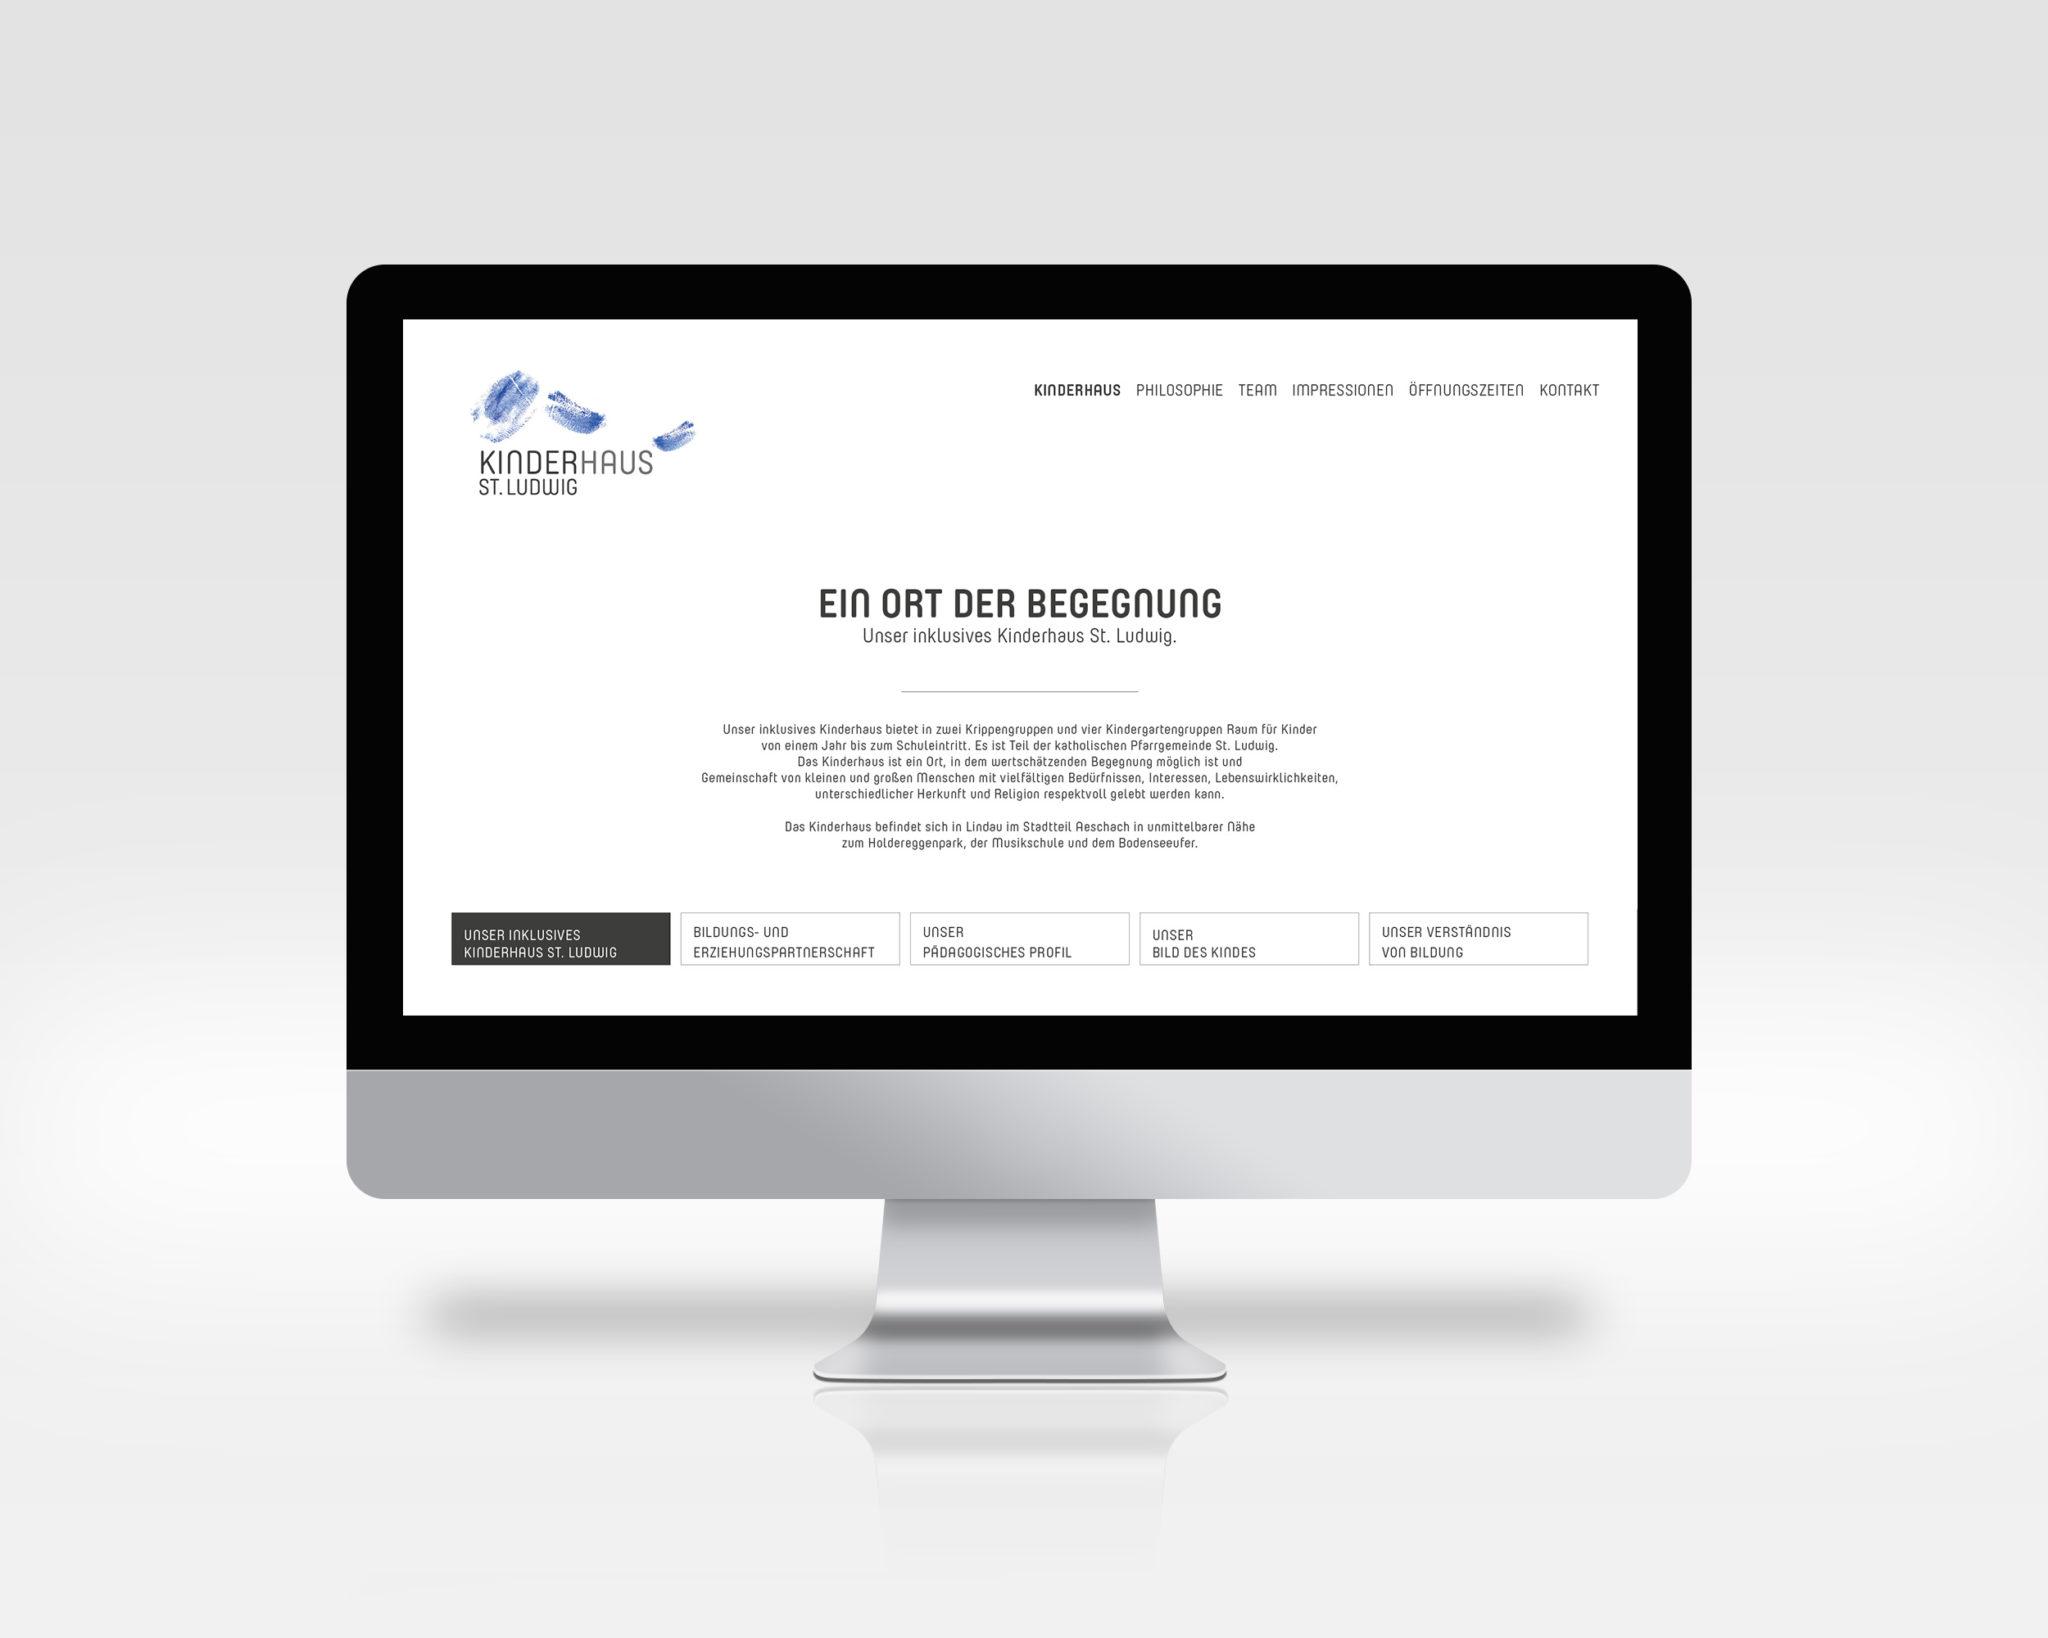 KinderhausStLudwig_Website